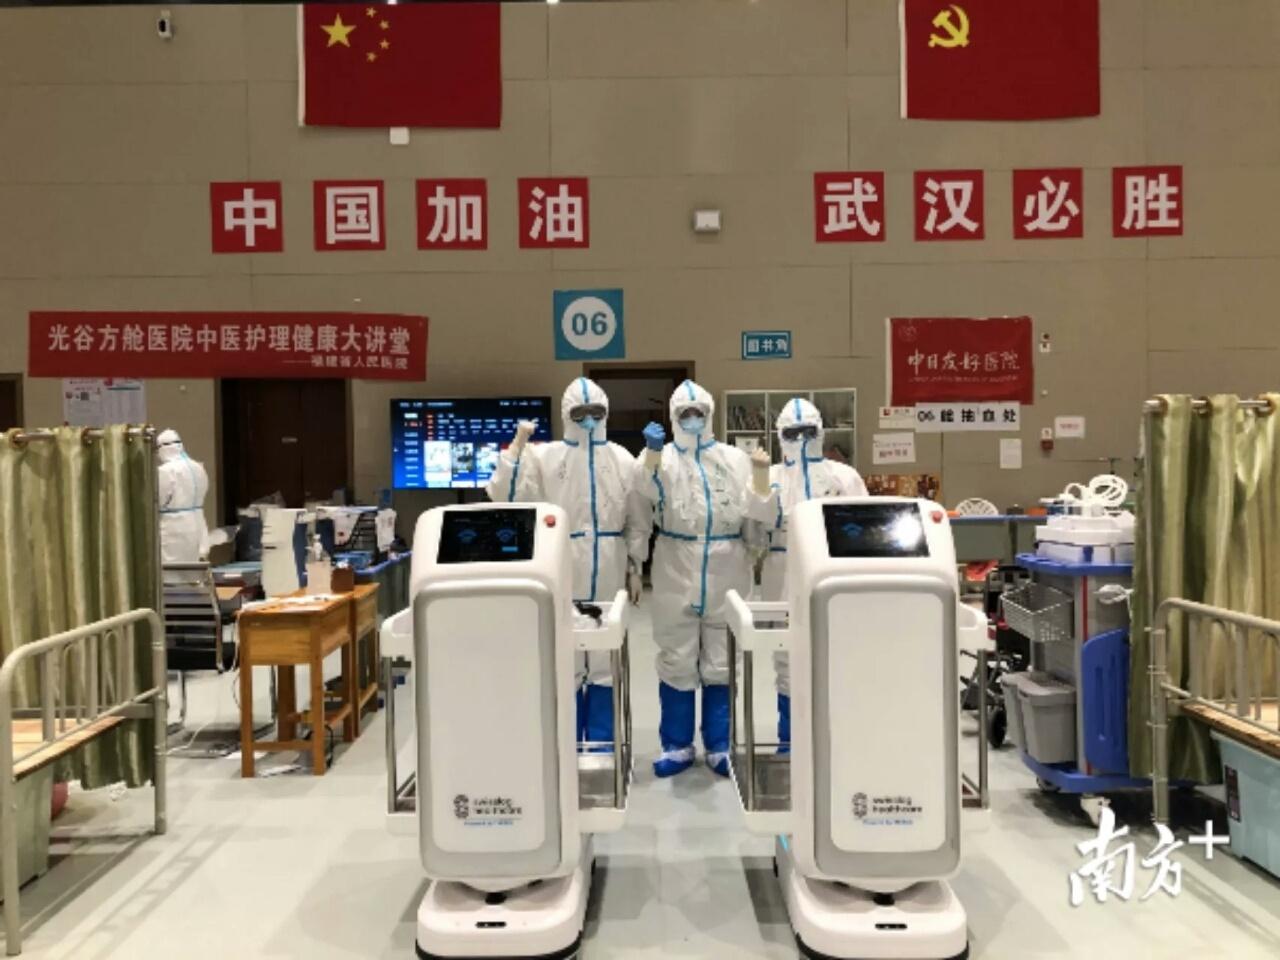 美的集团向武汉光谷科技会展中心方舱医院捐赠20台瑞仕格机器人。